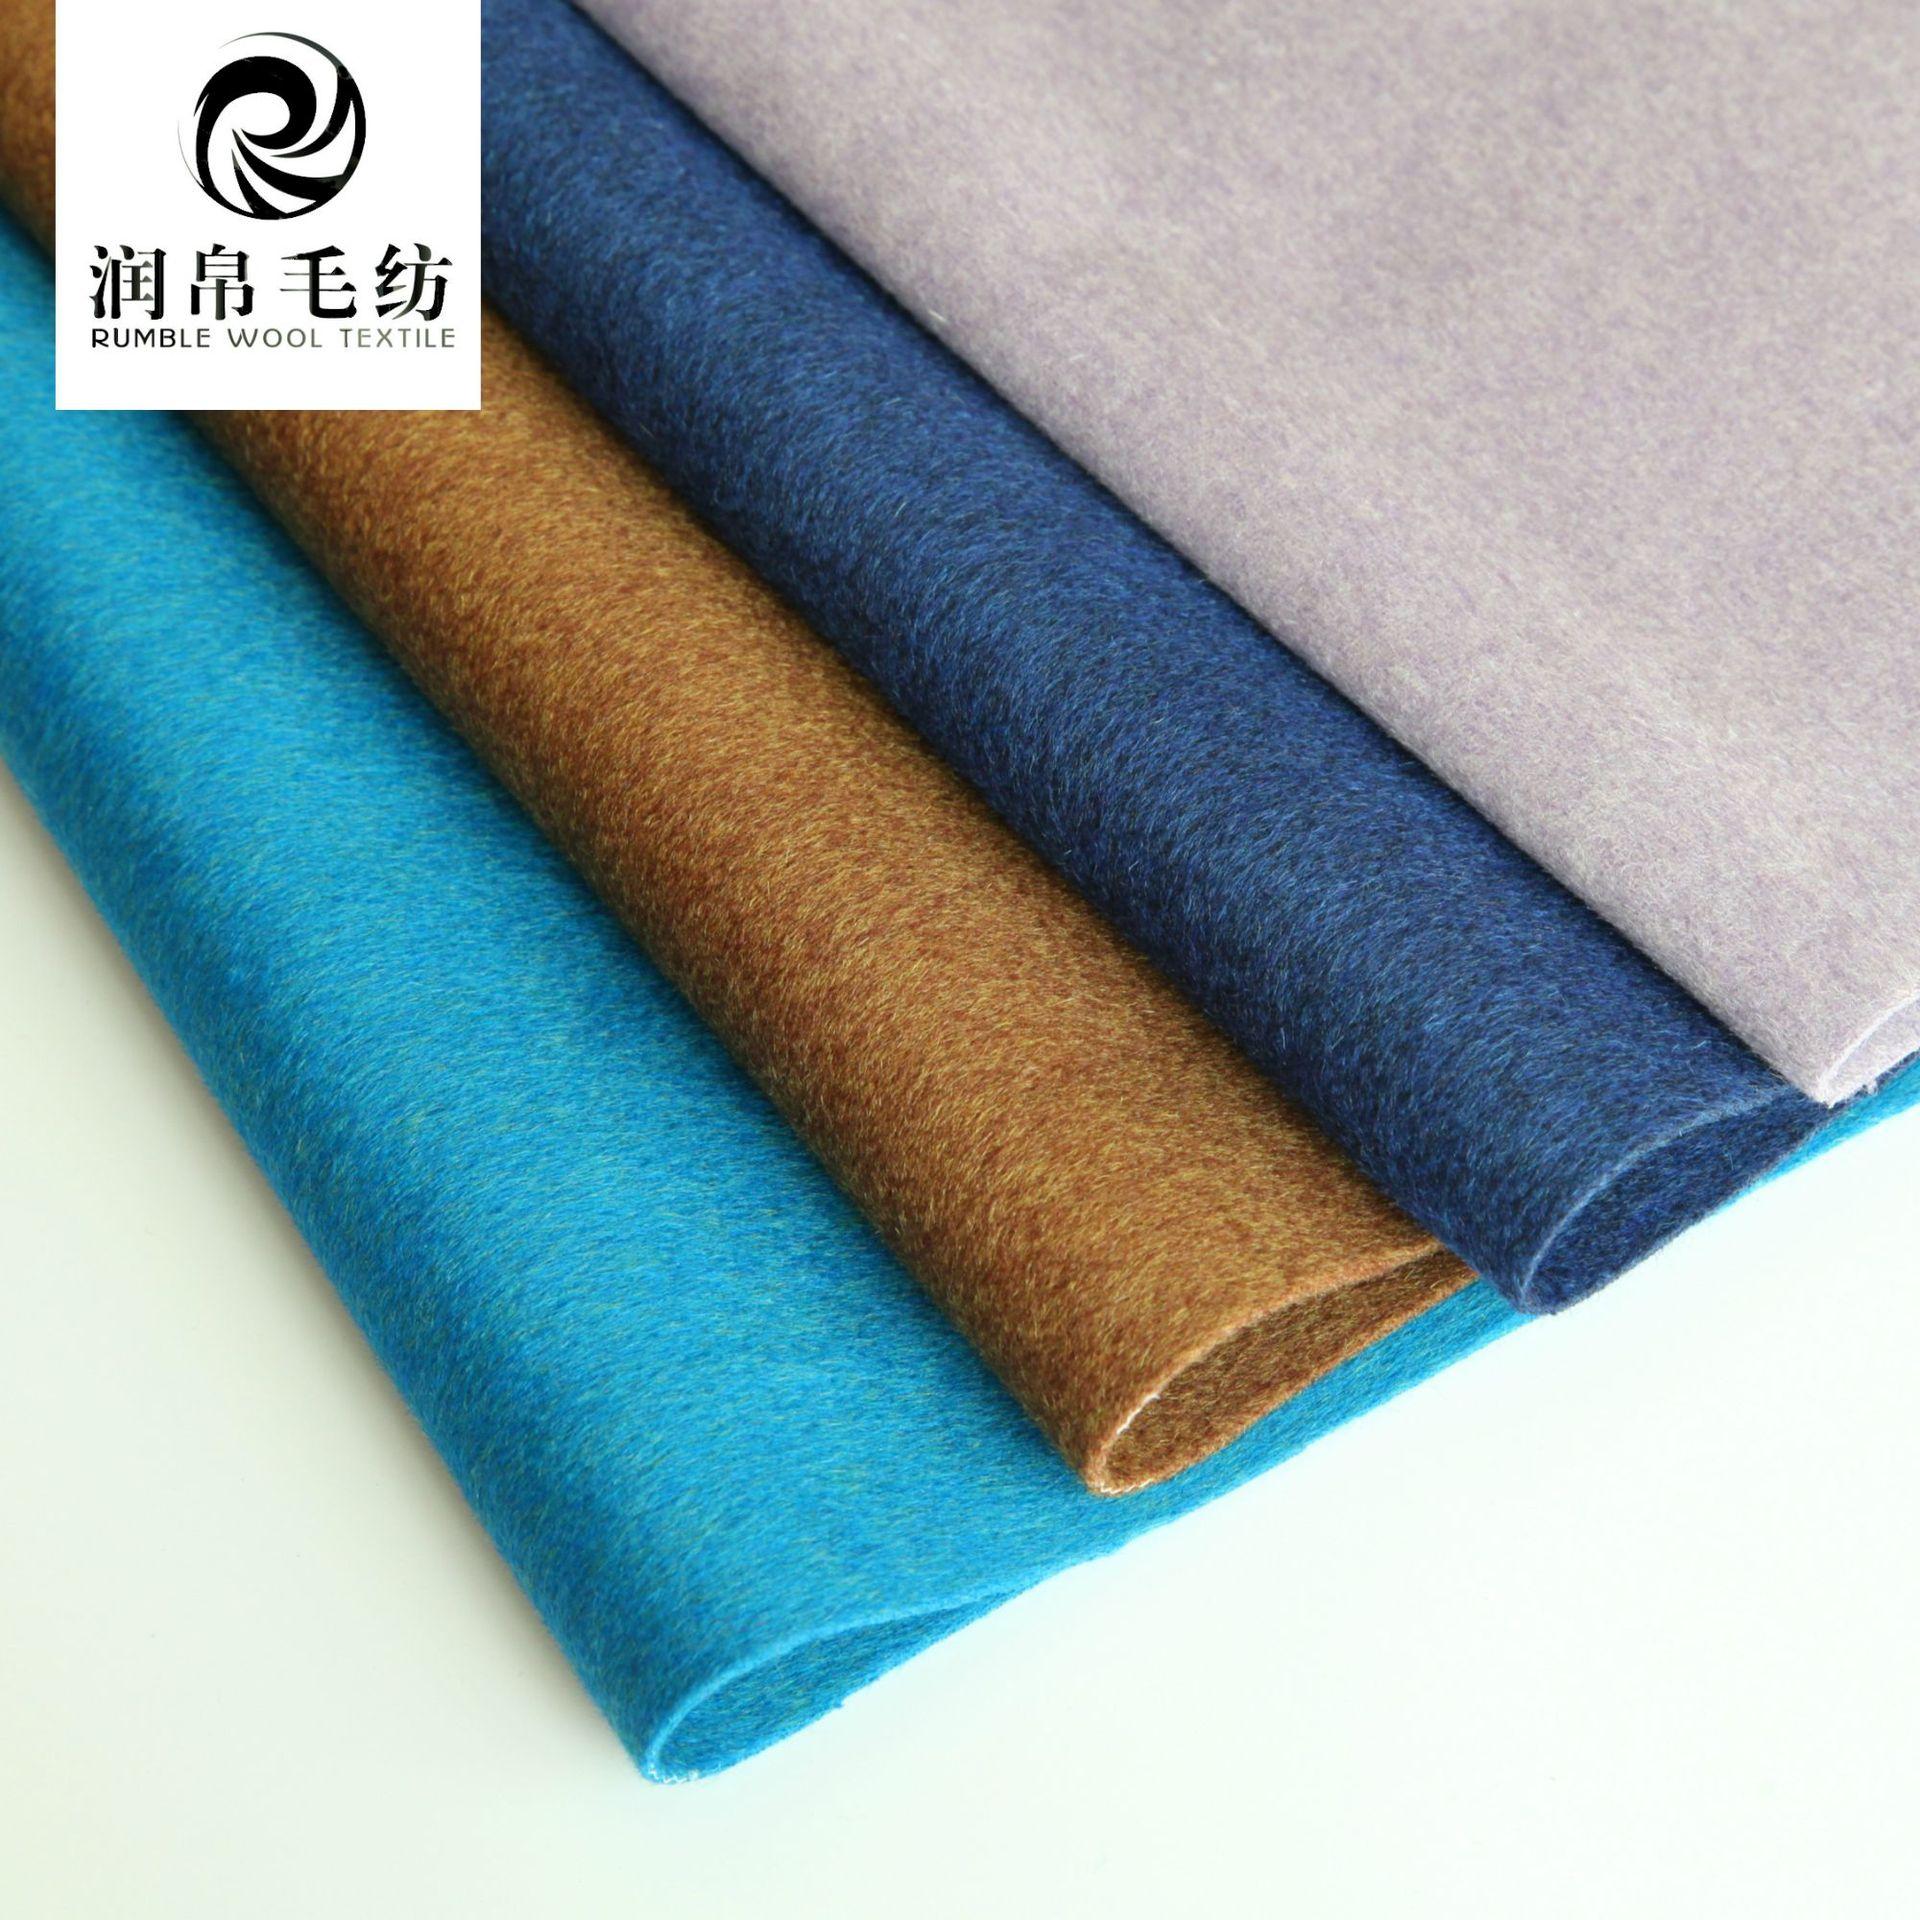 RUNGUO Vải dệt may Len dệt hai mặt bằng vải twill tay áo bằng vải len mùa thu và mùa đông thời trang